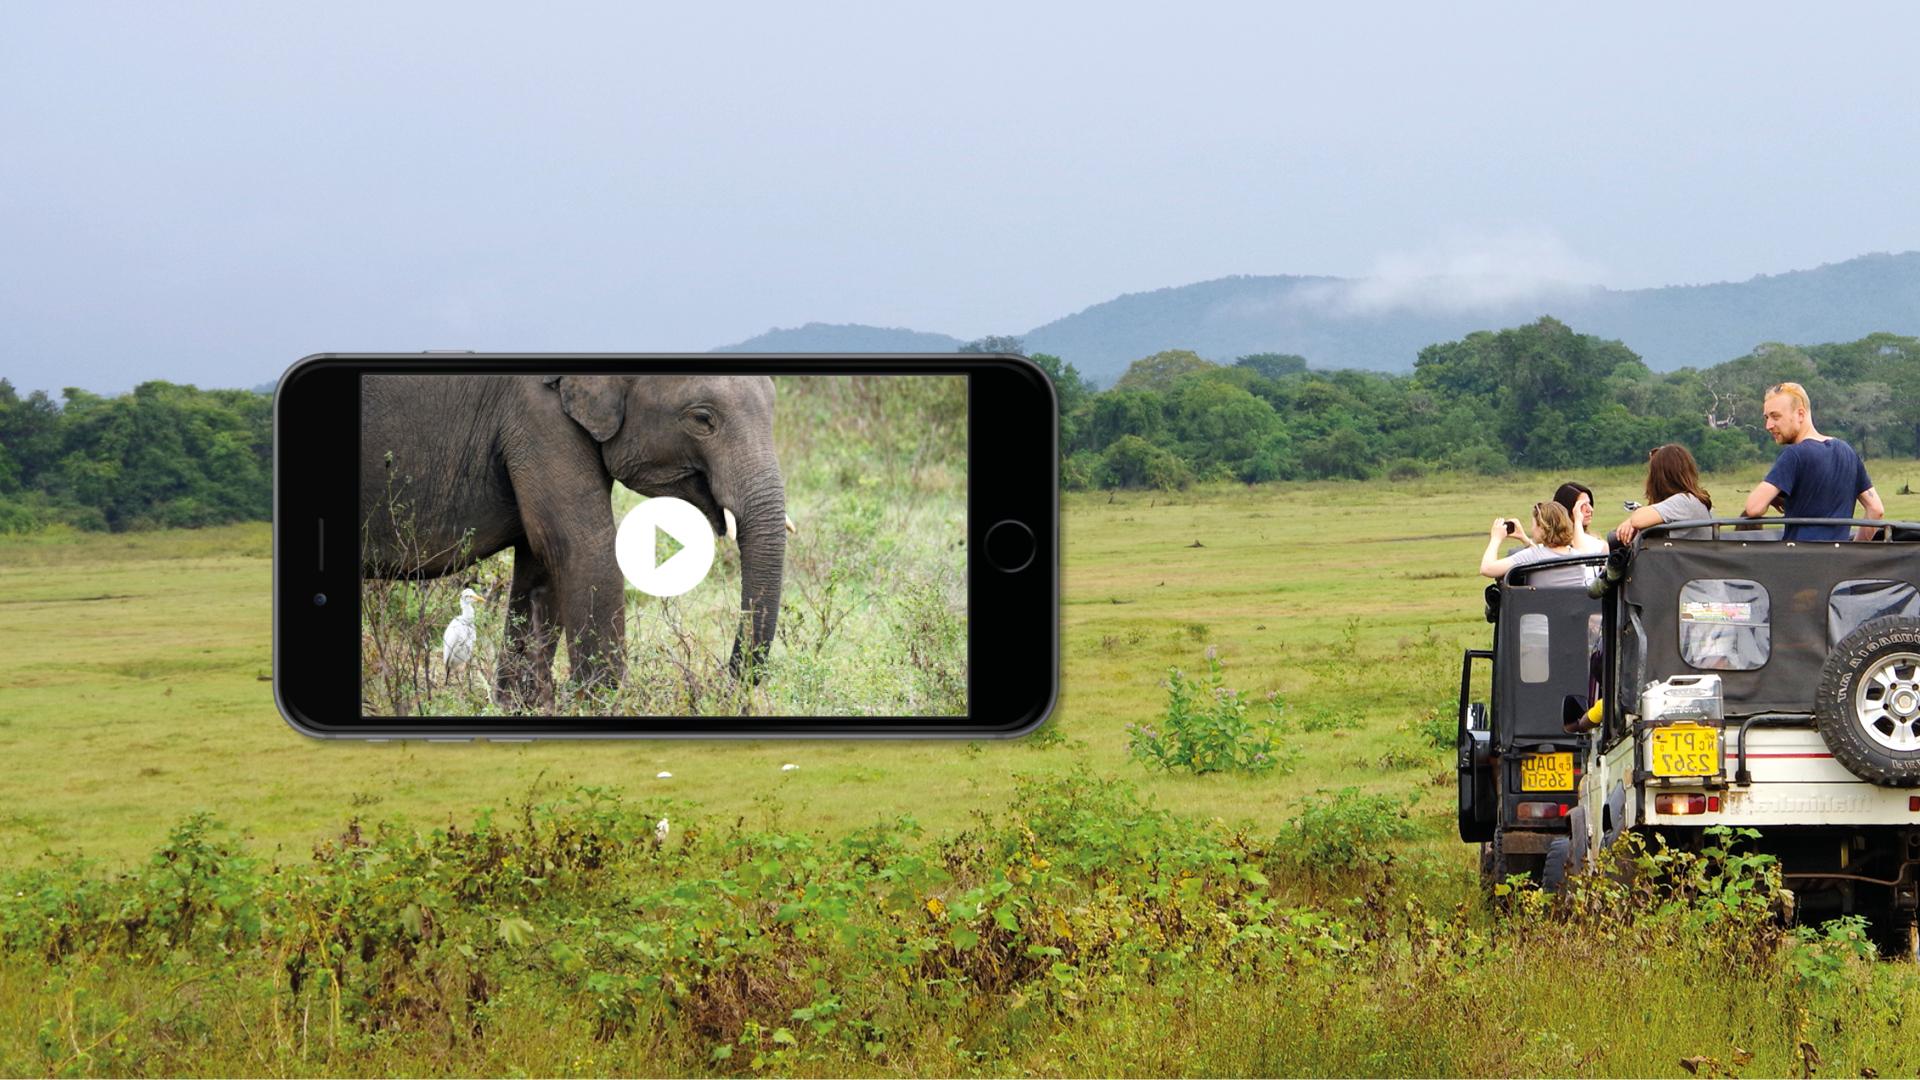 reis app video